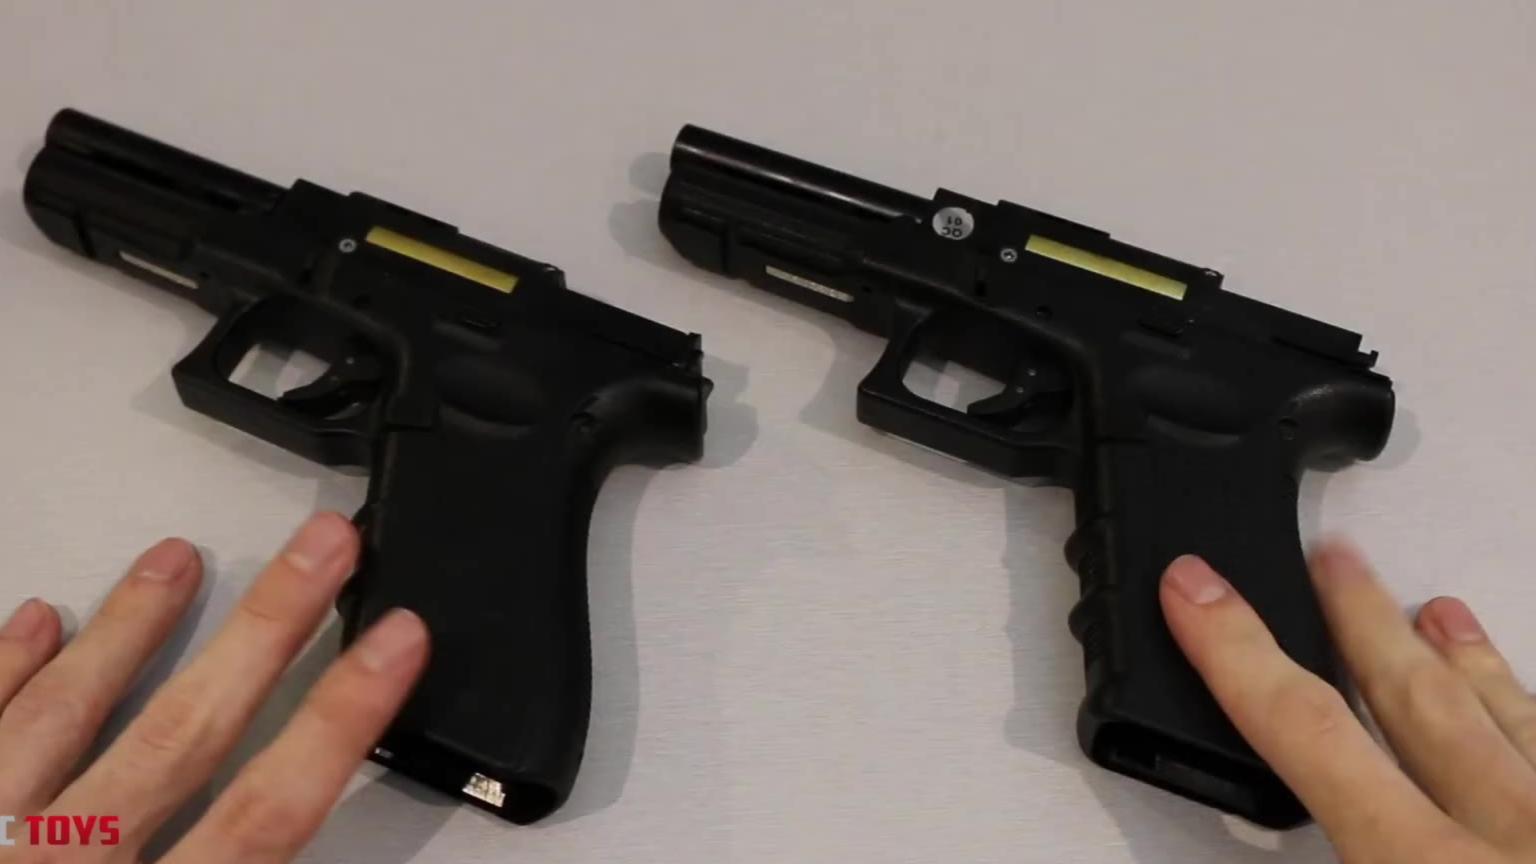 【中字】3DG glock17 土澳版和国内版拆解对比